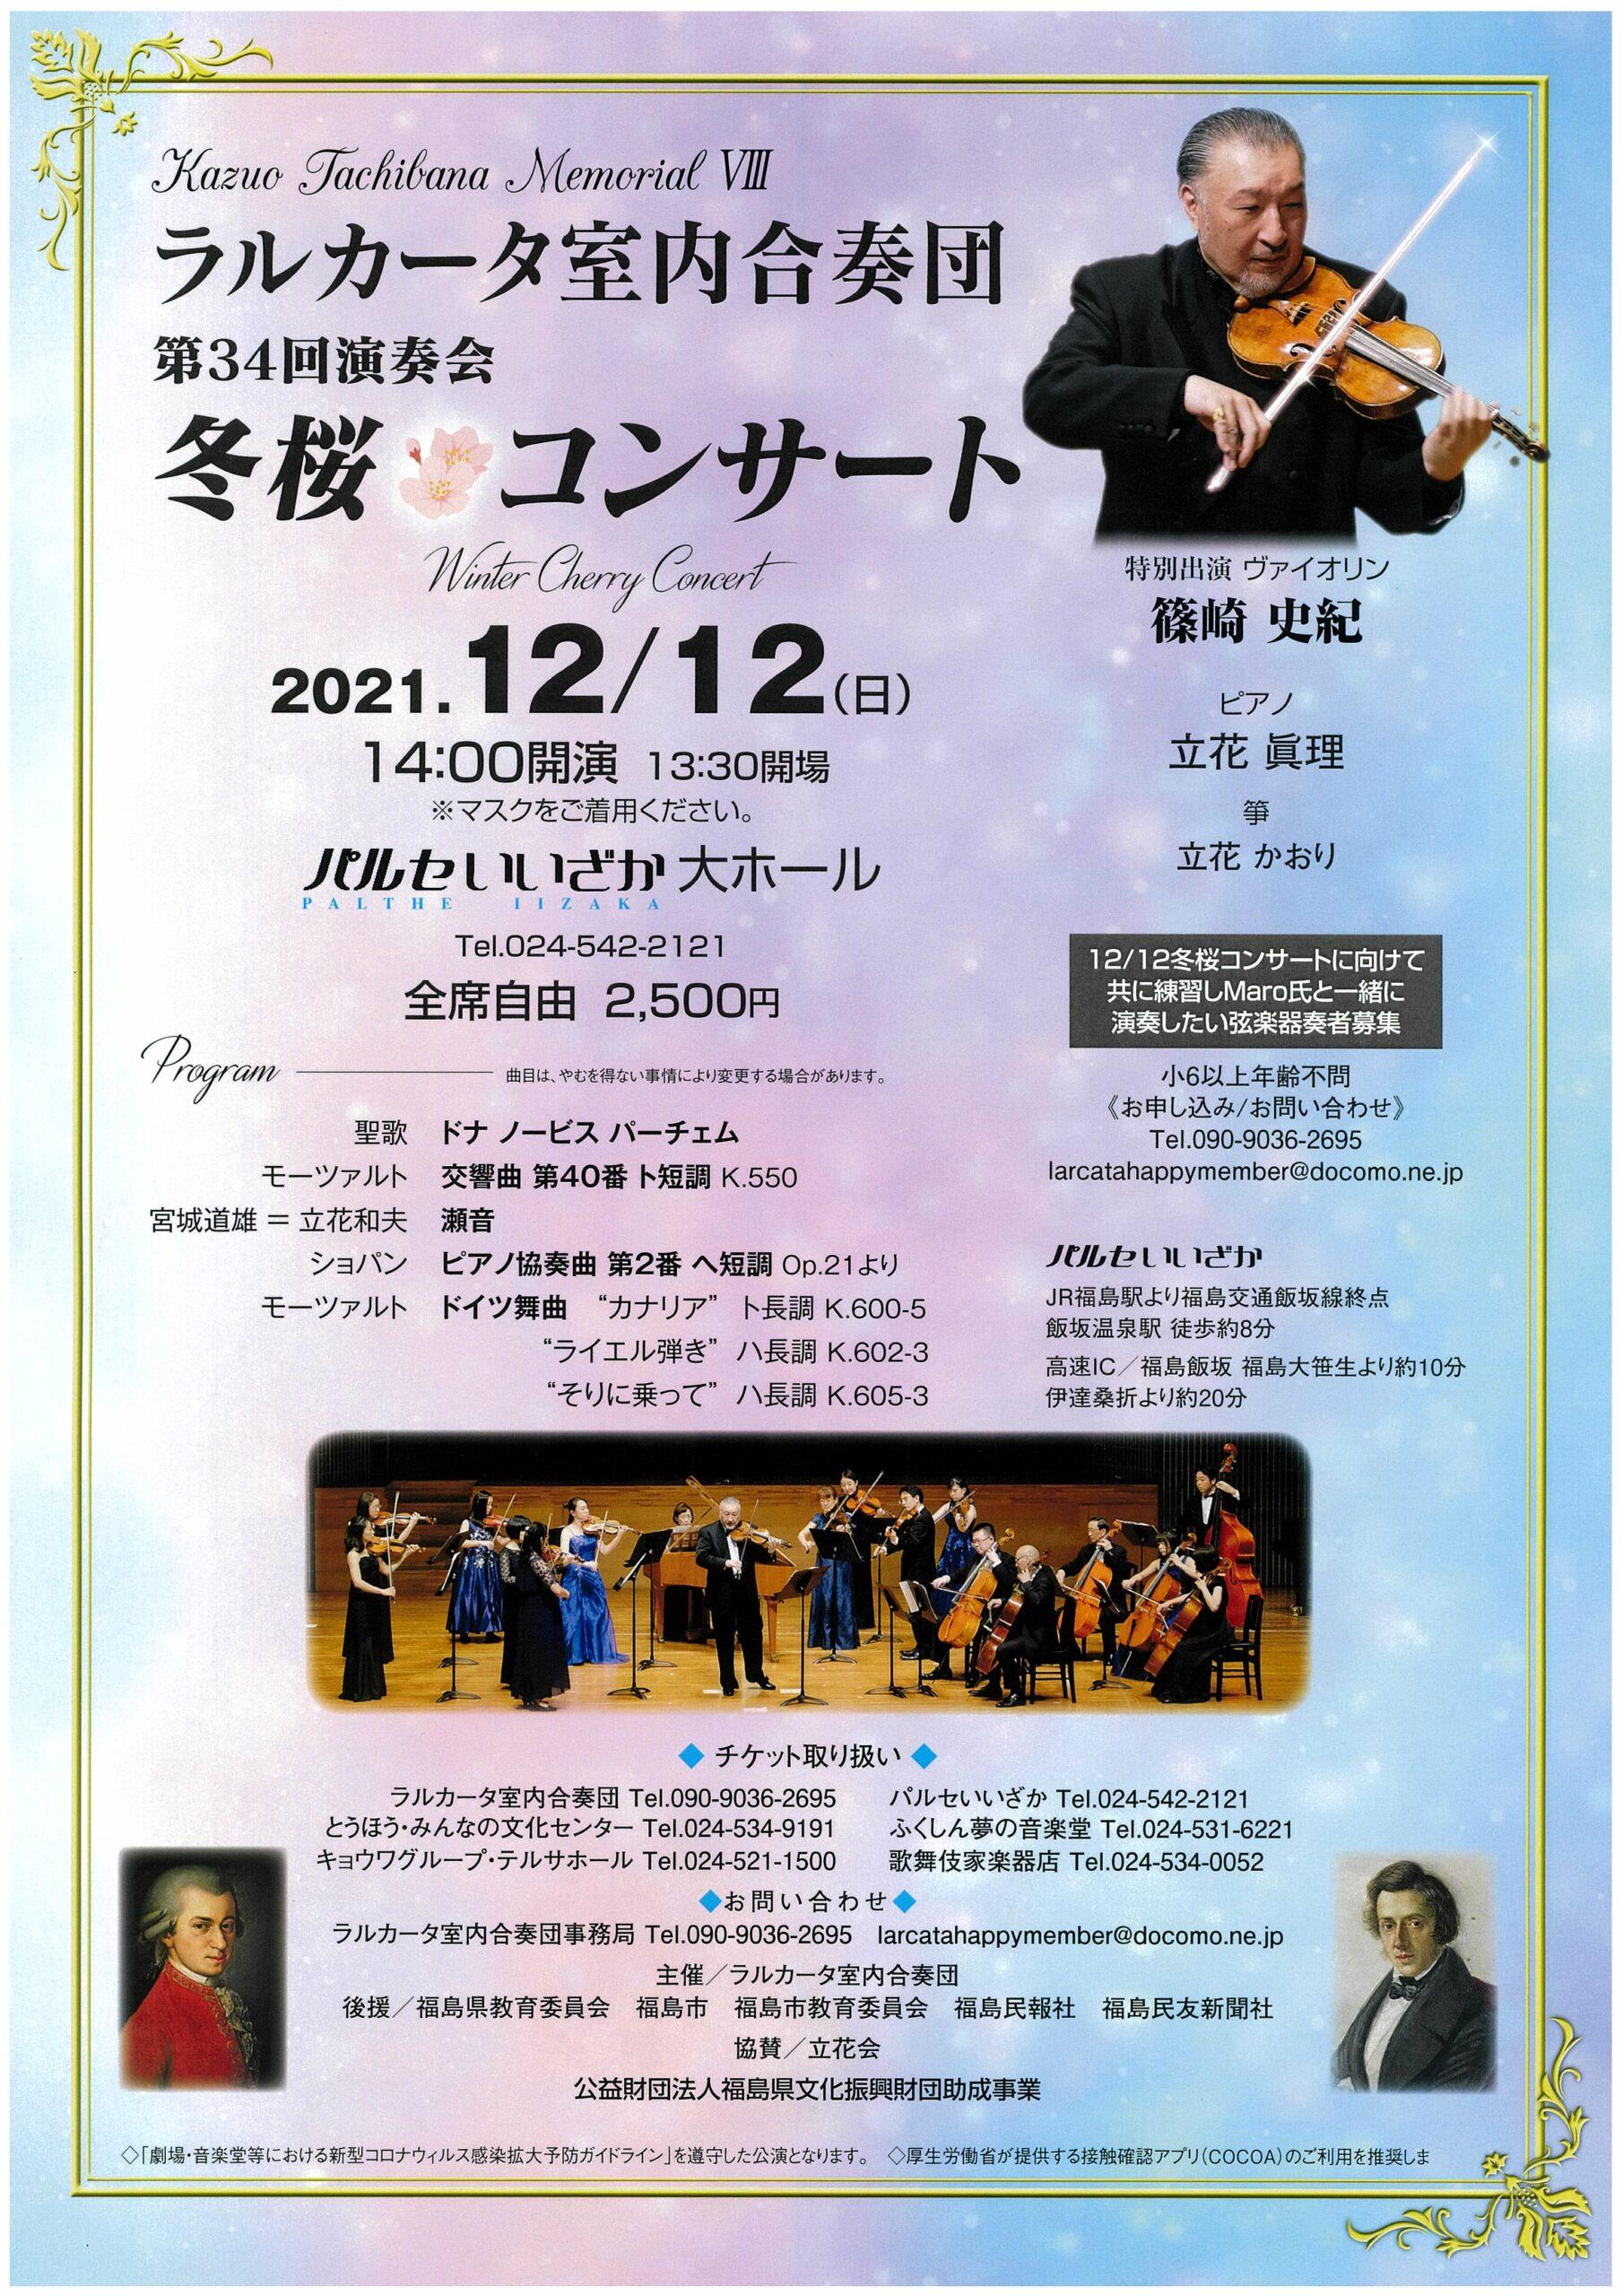 ラルカータ室内合奏団 第34回演奏会 冬桜コンサート